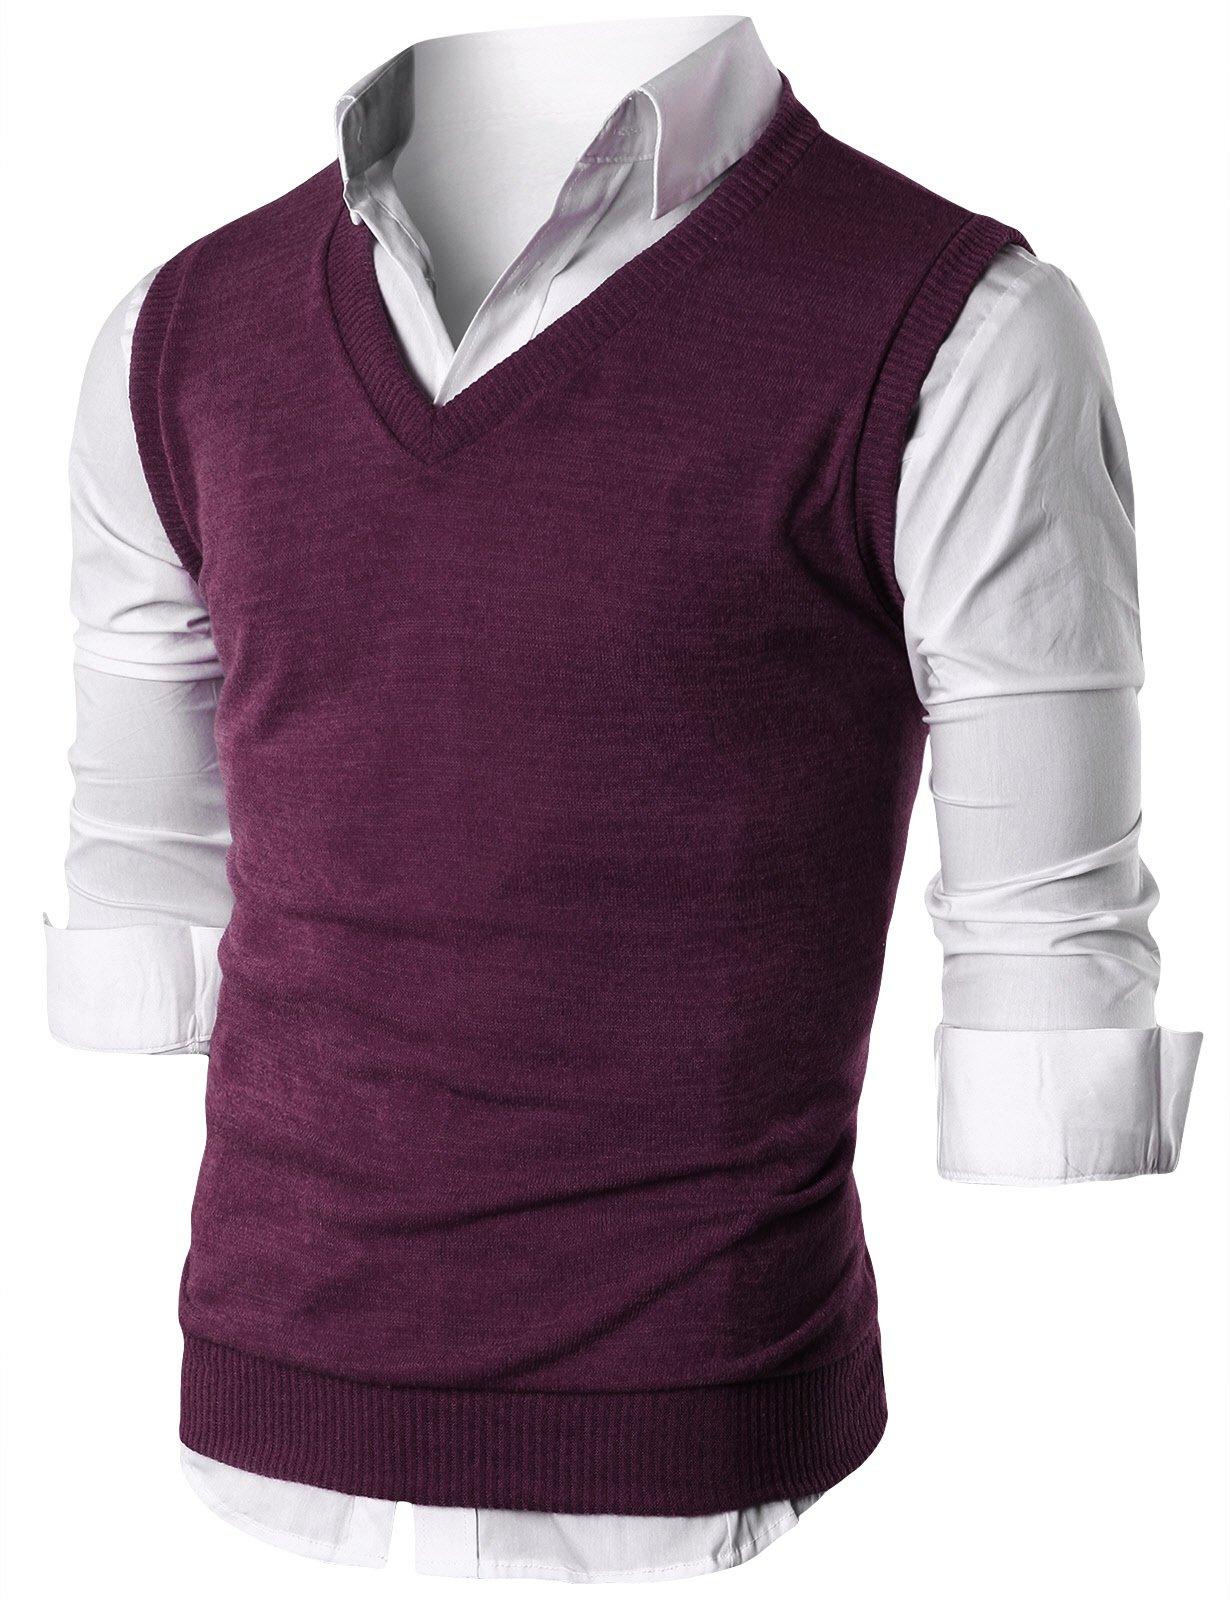 Ohoo Mens Slim Fit Casual V-Neck Knit Vest/DCV010-PURPLE-S